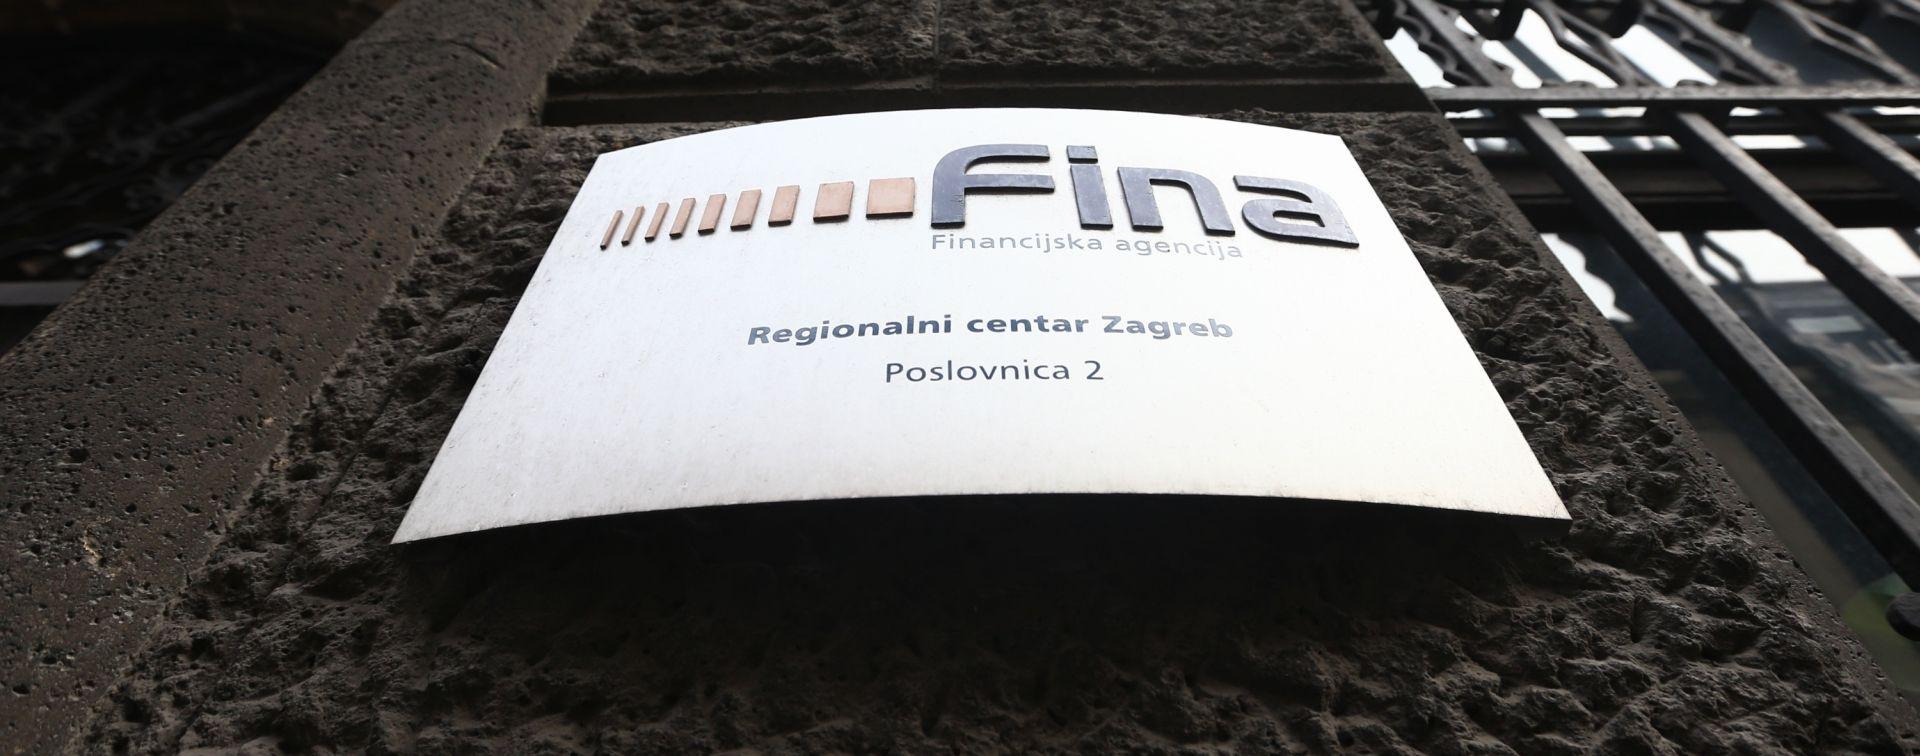 FINA Poduzetnici u trgovini na malo u 2015. ostvarili 431,2 mln kuna dobiti